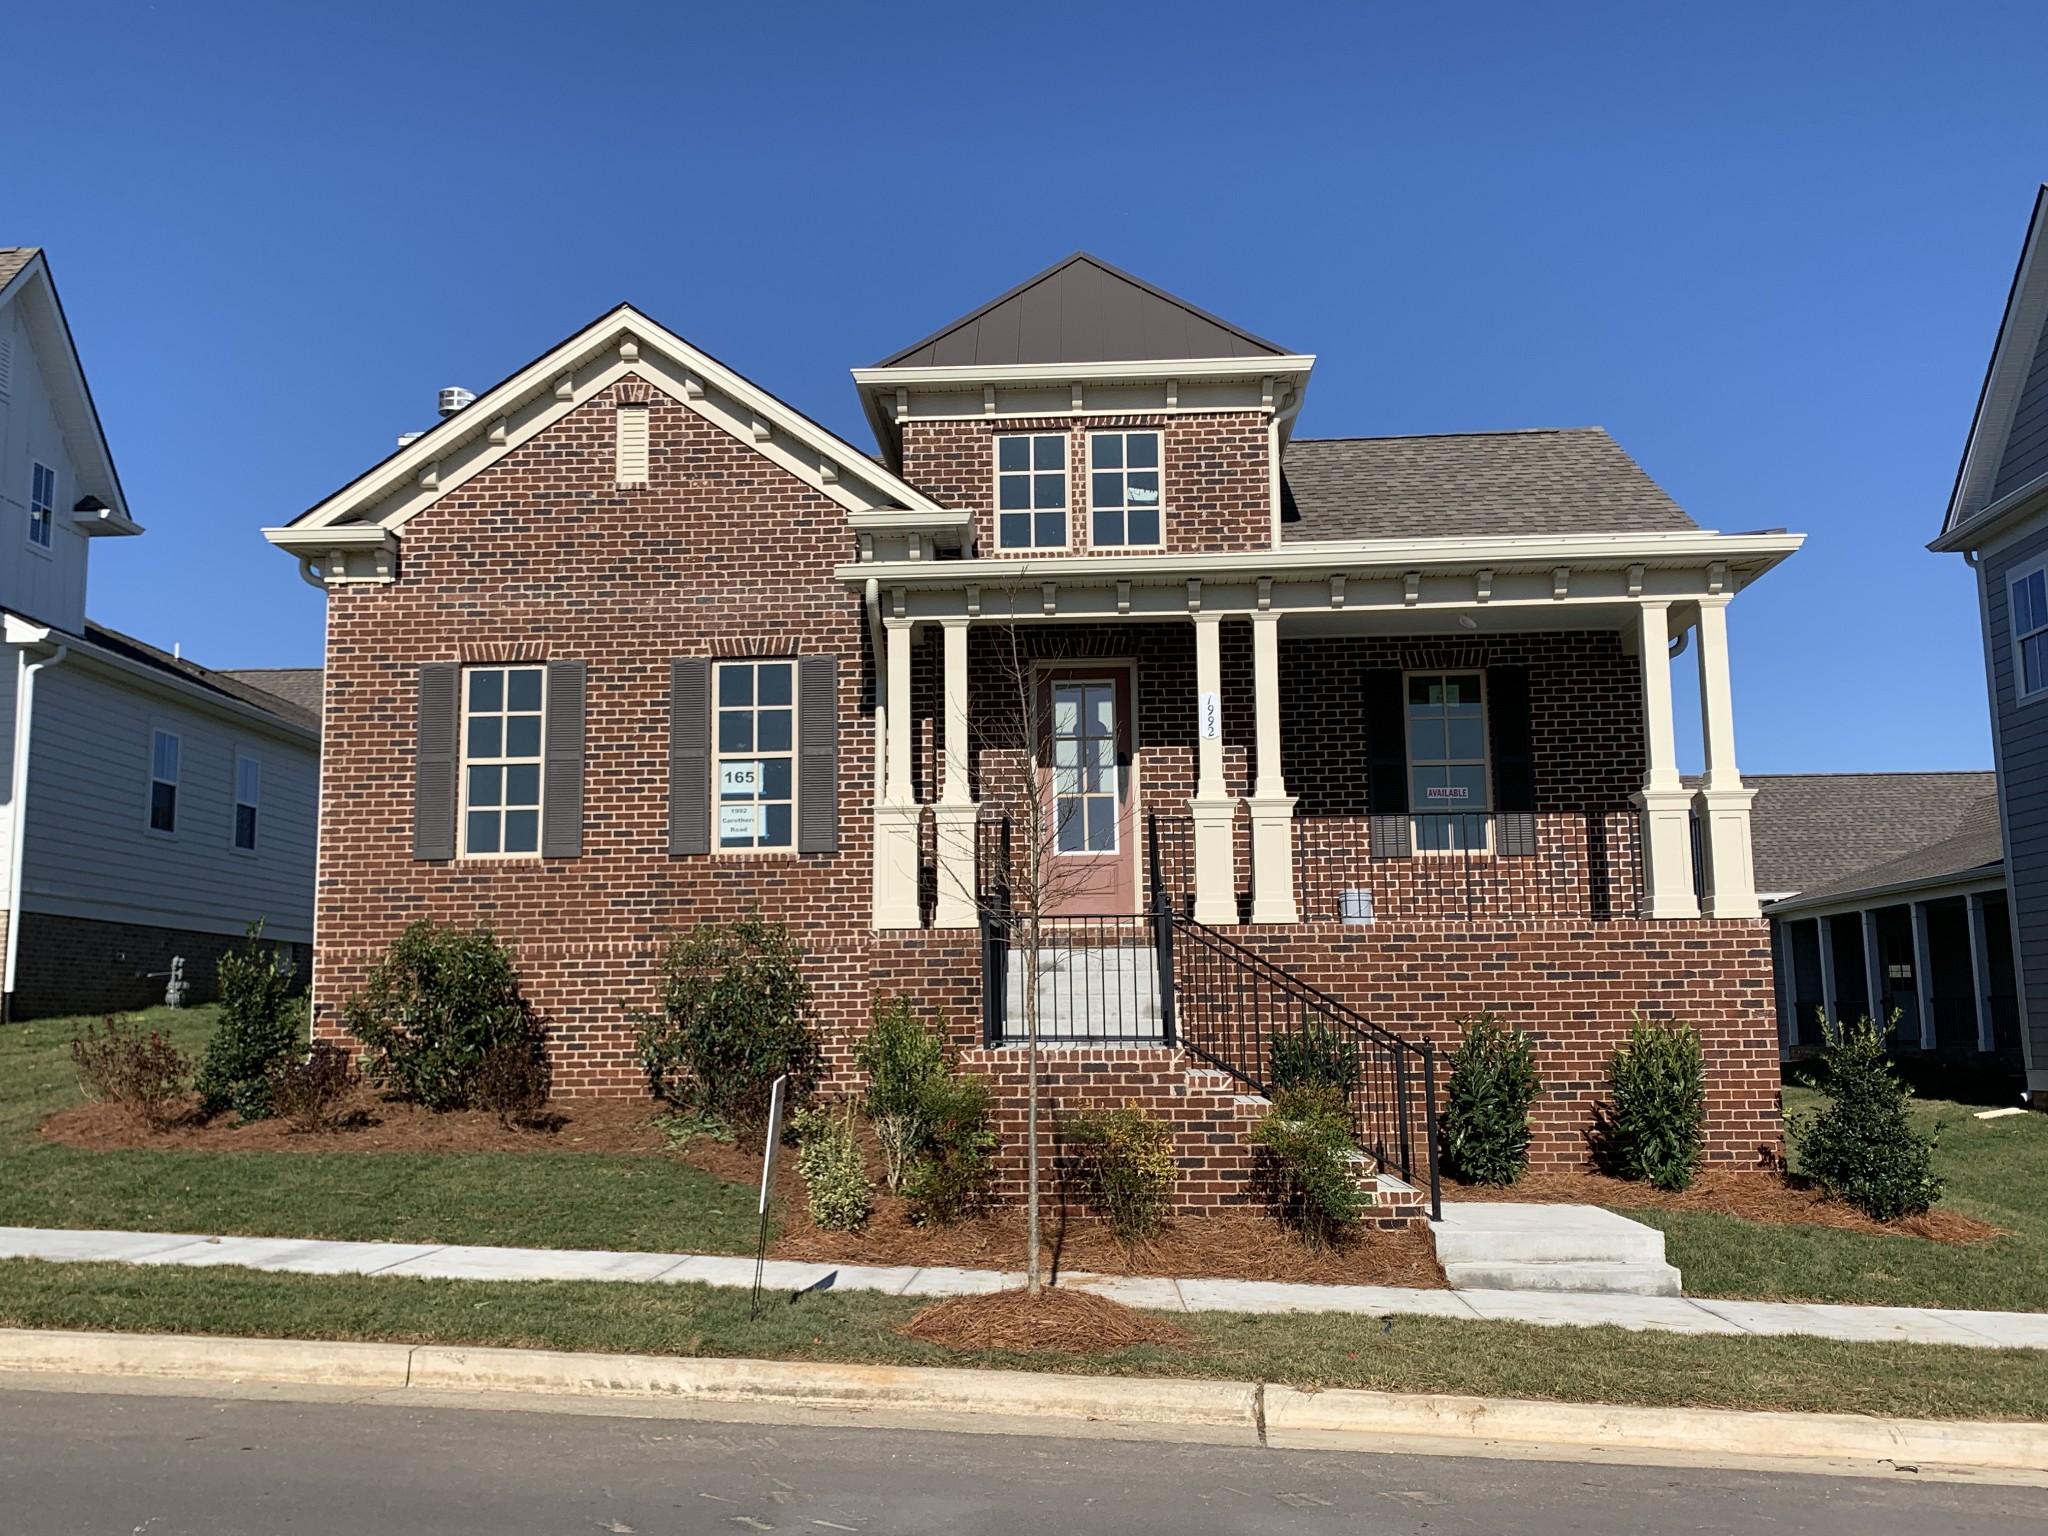 1992 Carothers Rd. #165, Nolensville, TN 37135 - Nolensville, TN real estate listing